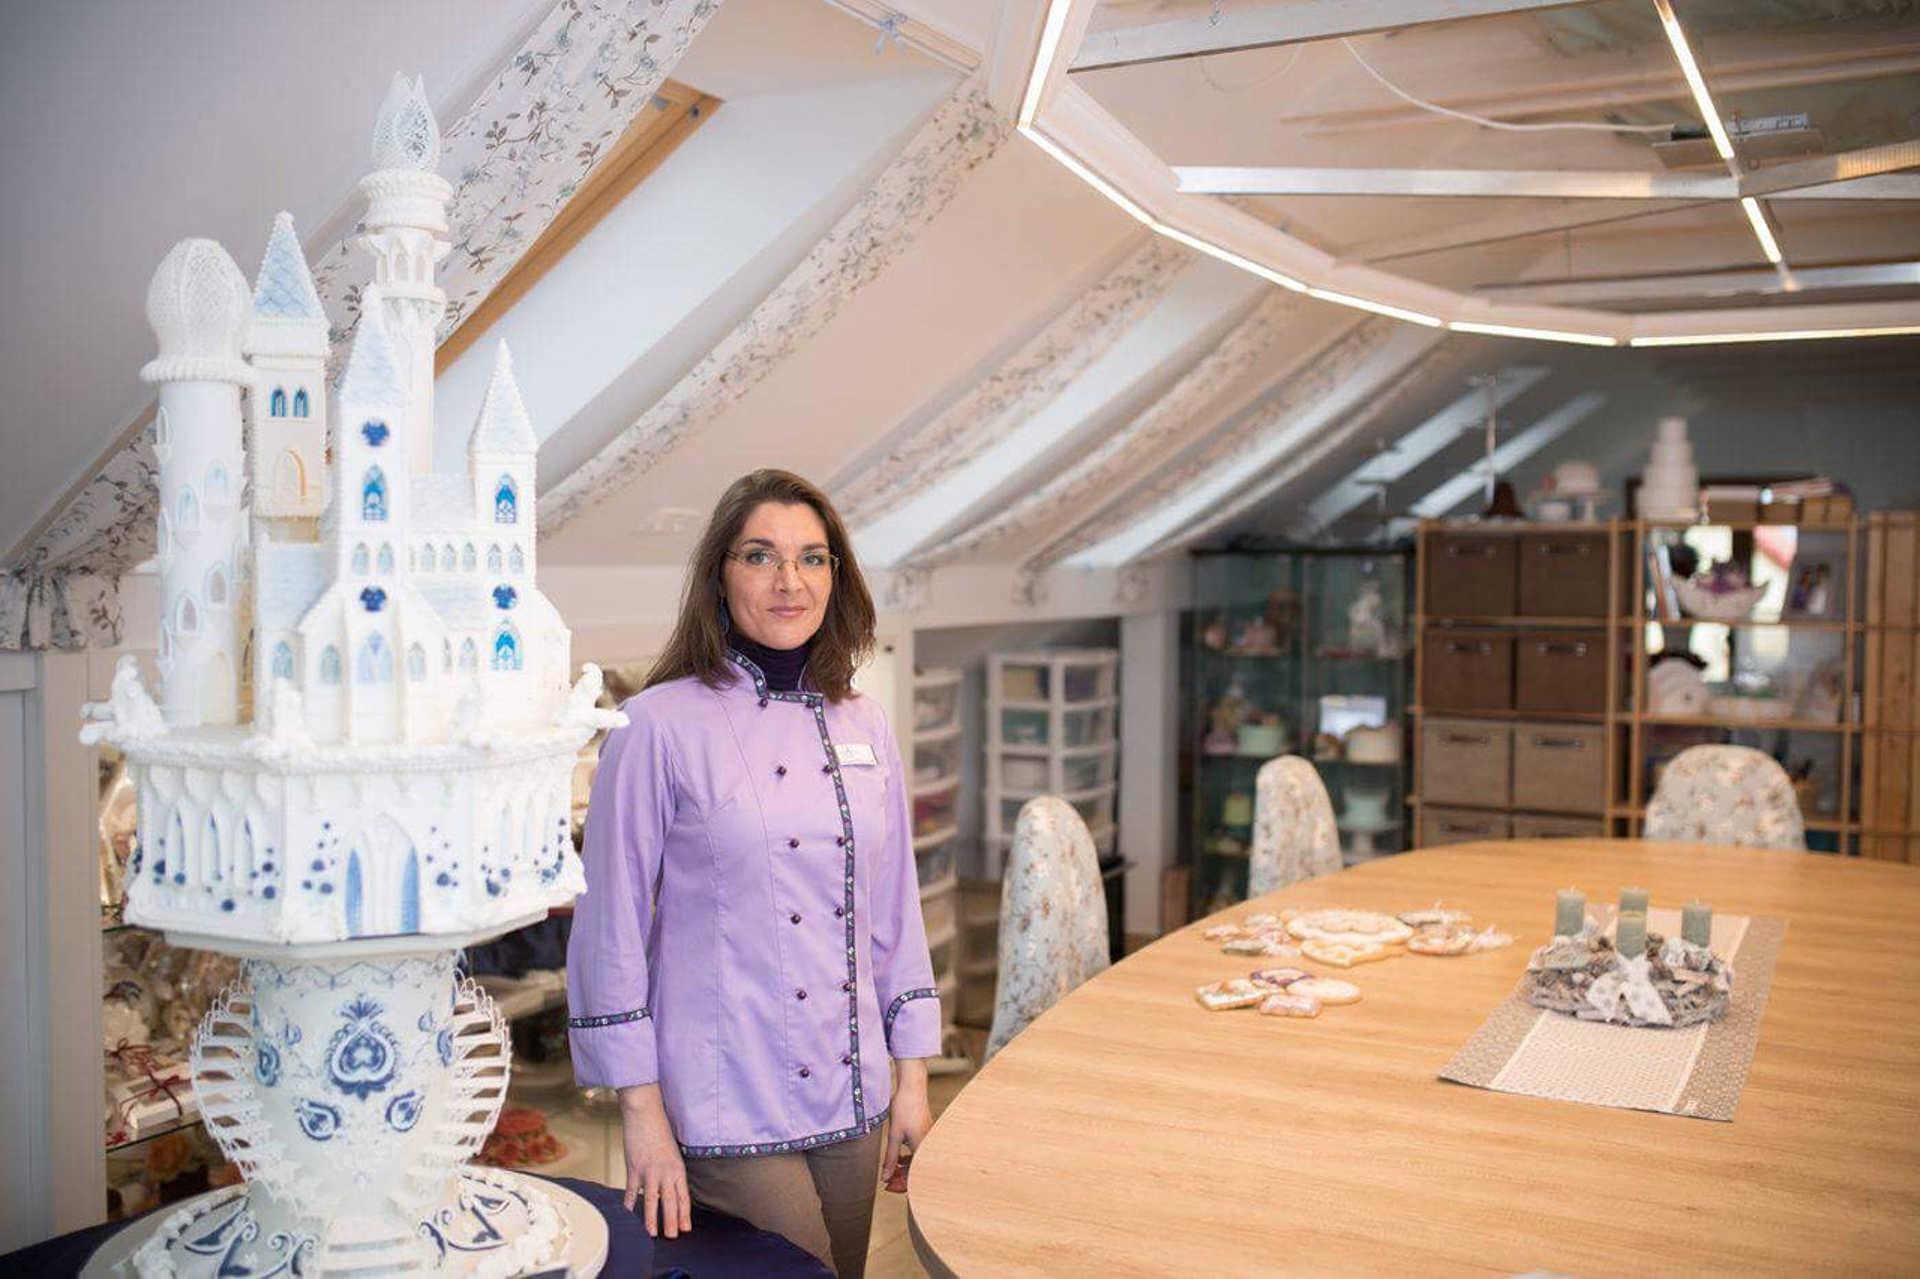 A cukormázas tortadíszítésnek Angliában 150 hagyománya van. Vargáné Orbán Anikó kreativitása kellett a hatalmas sikerhez